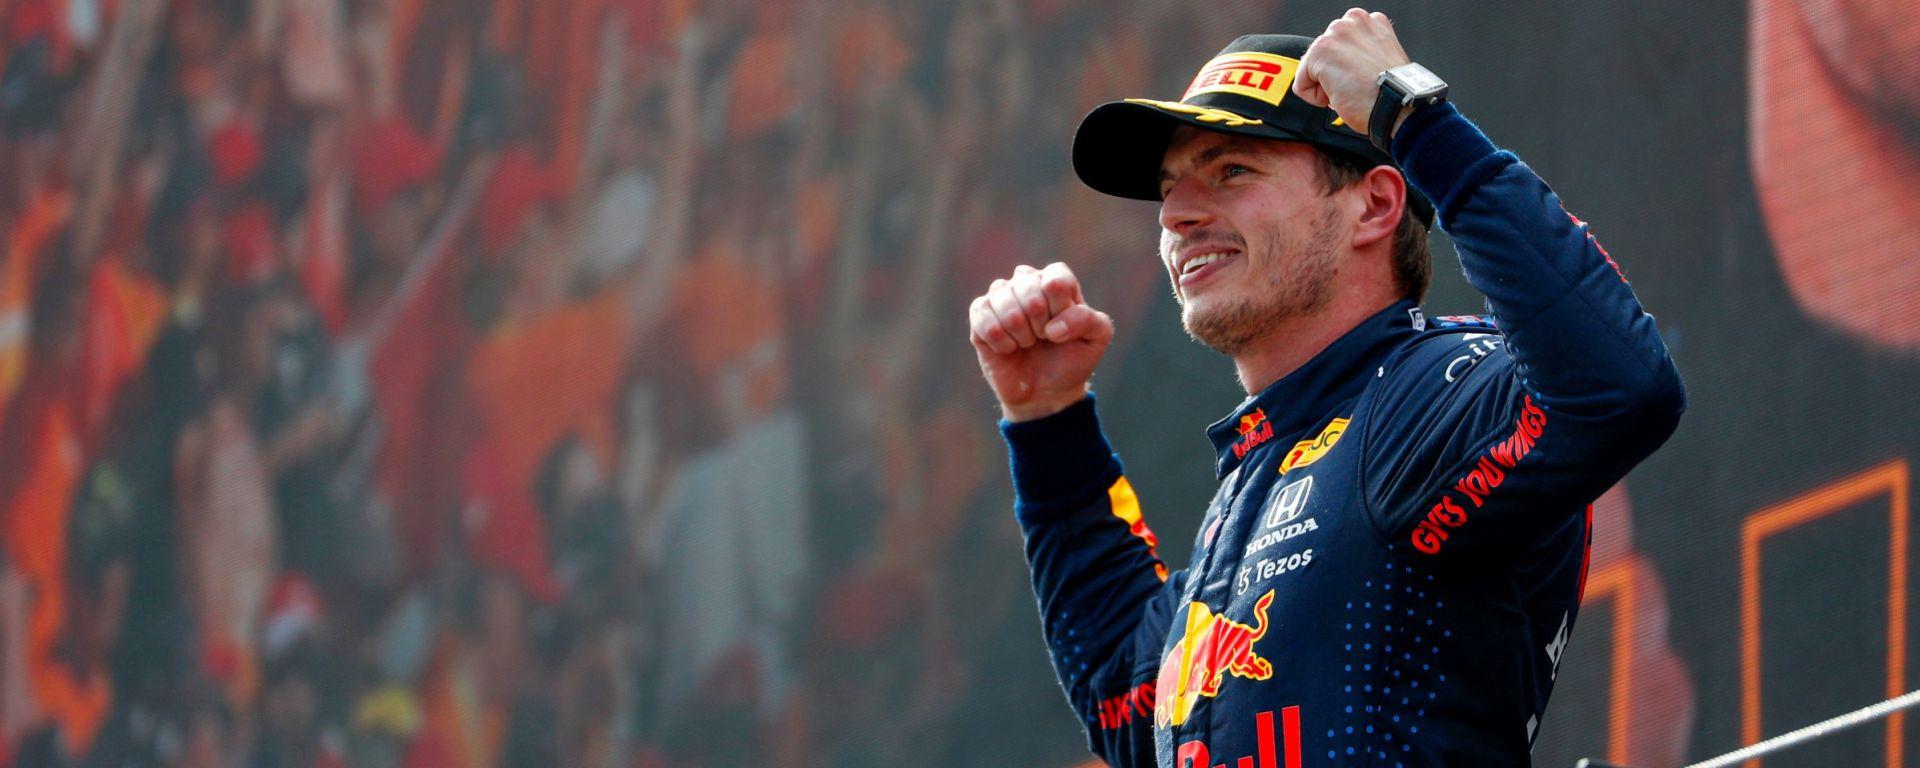 F1 2021: Max Verstappen (Red Bull)